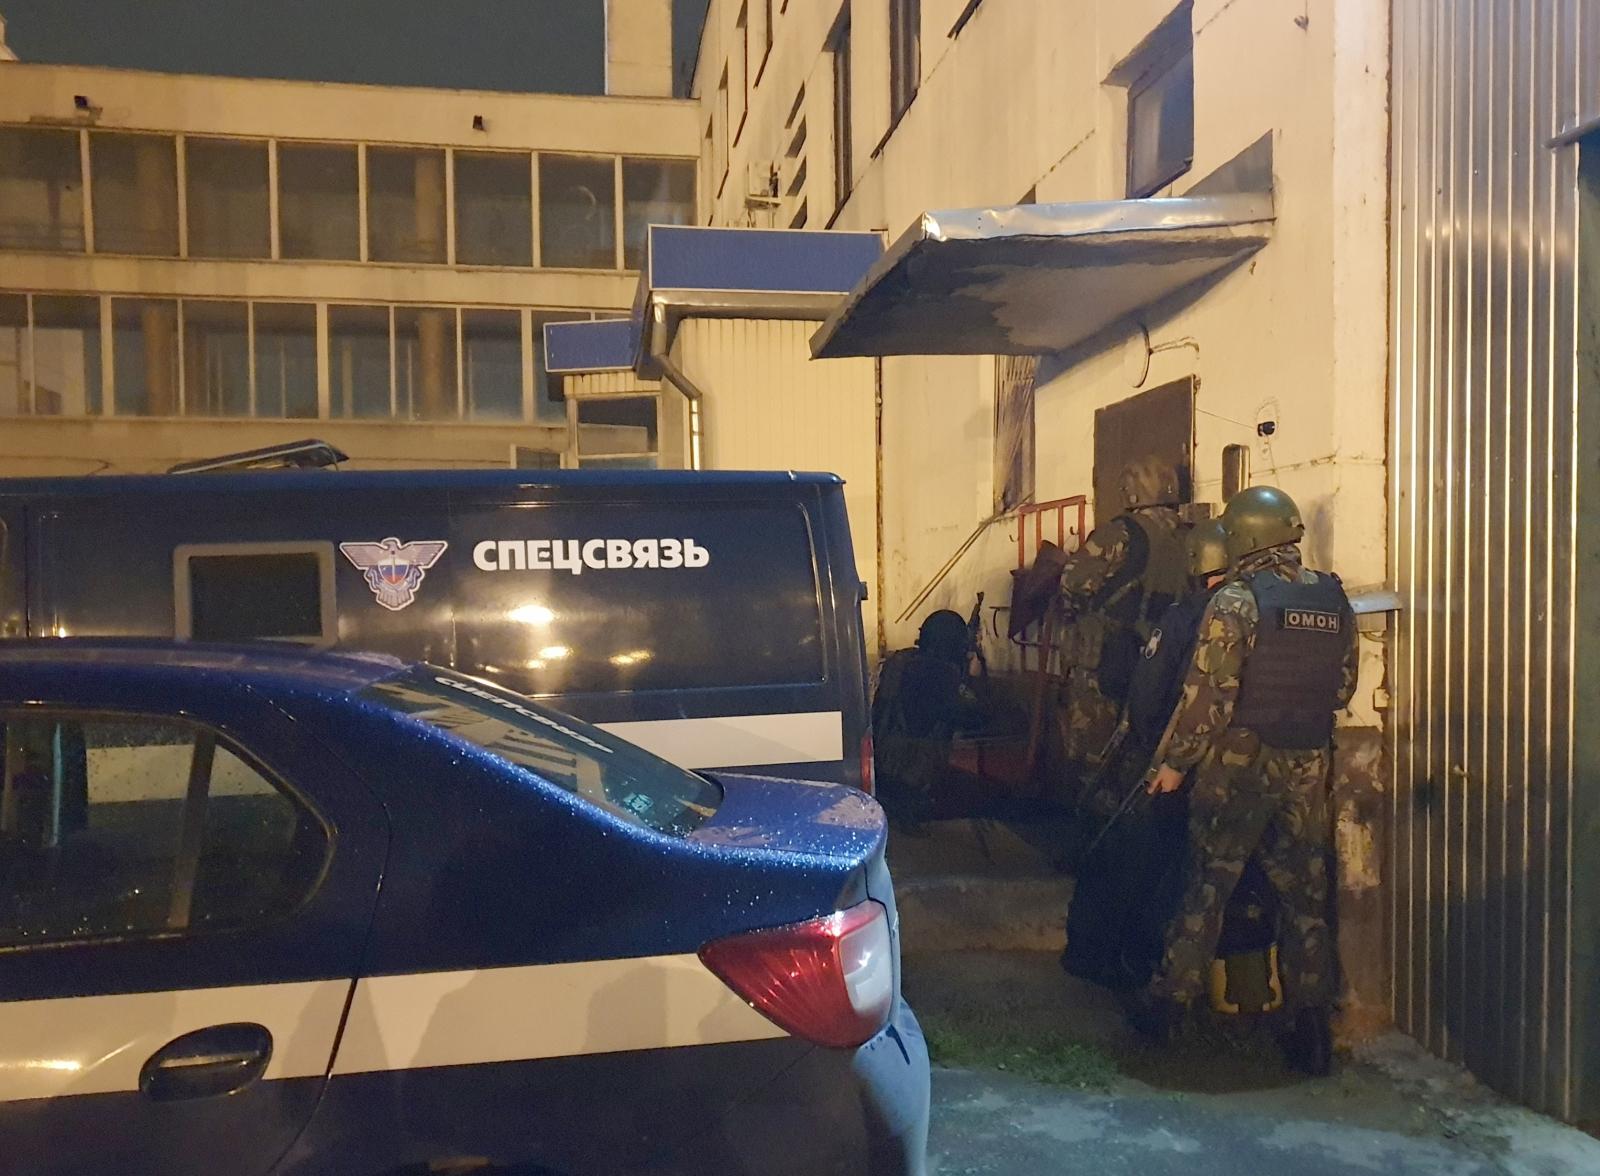 В Брянске нашли 7 млн рублей, из-за которых расстреляли сотрудников спецсвязи